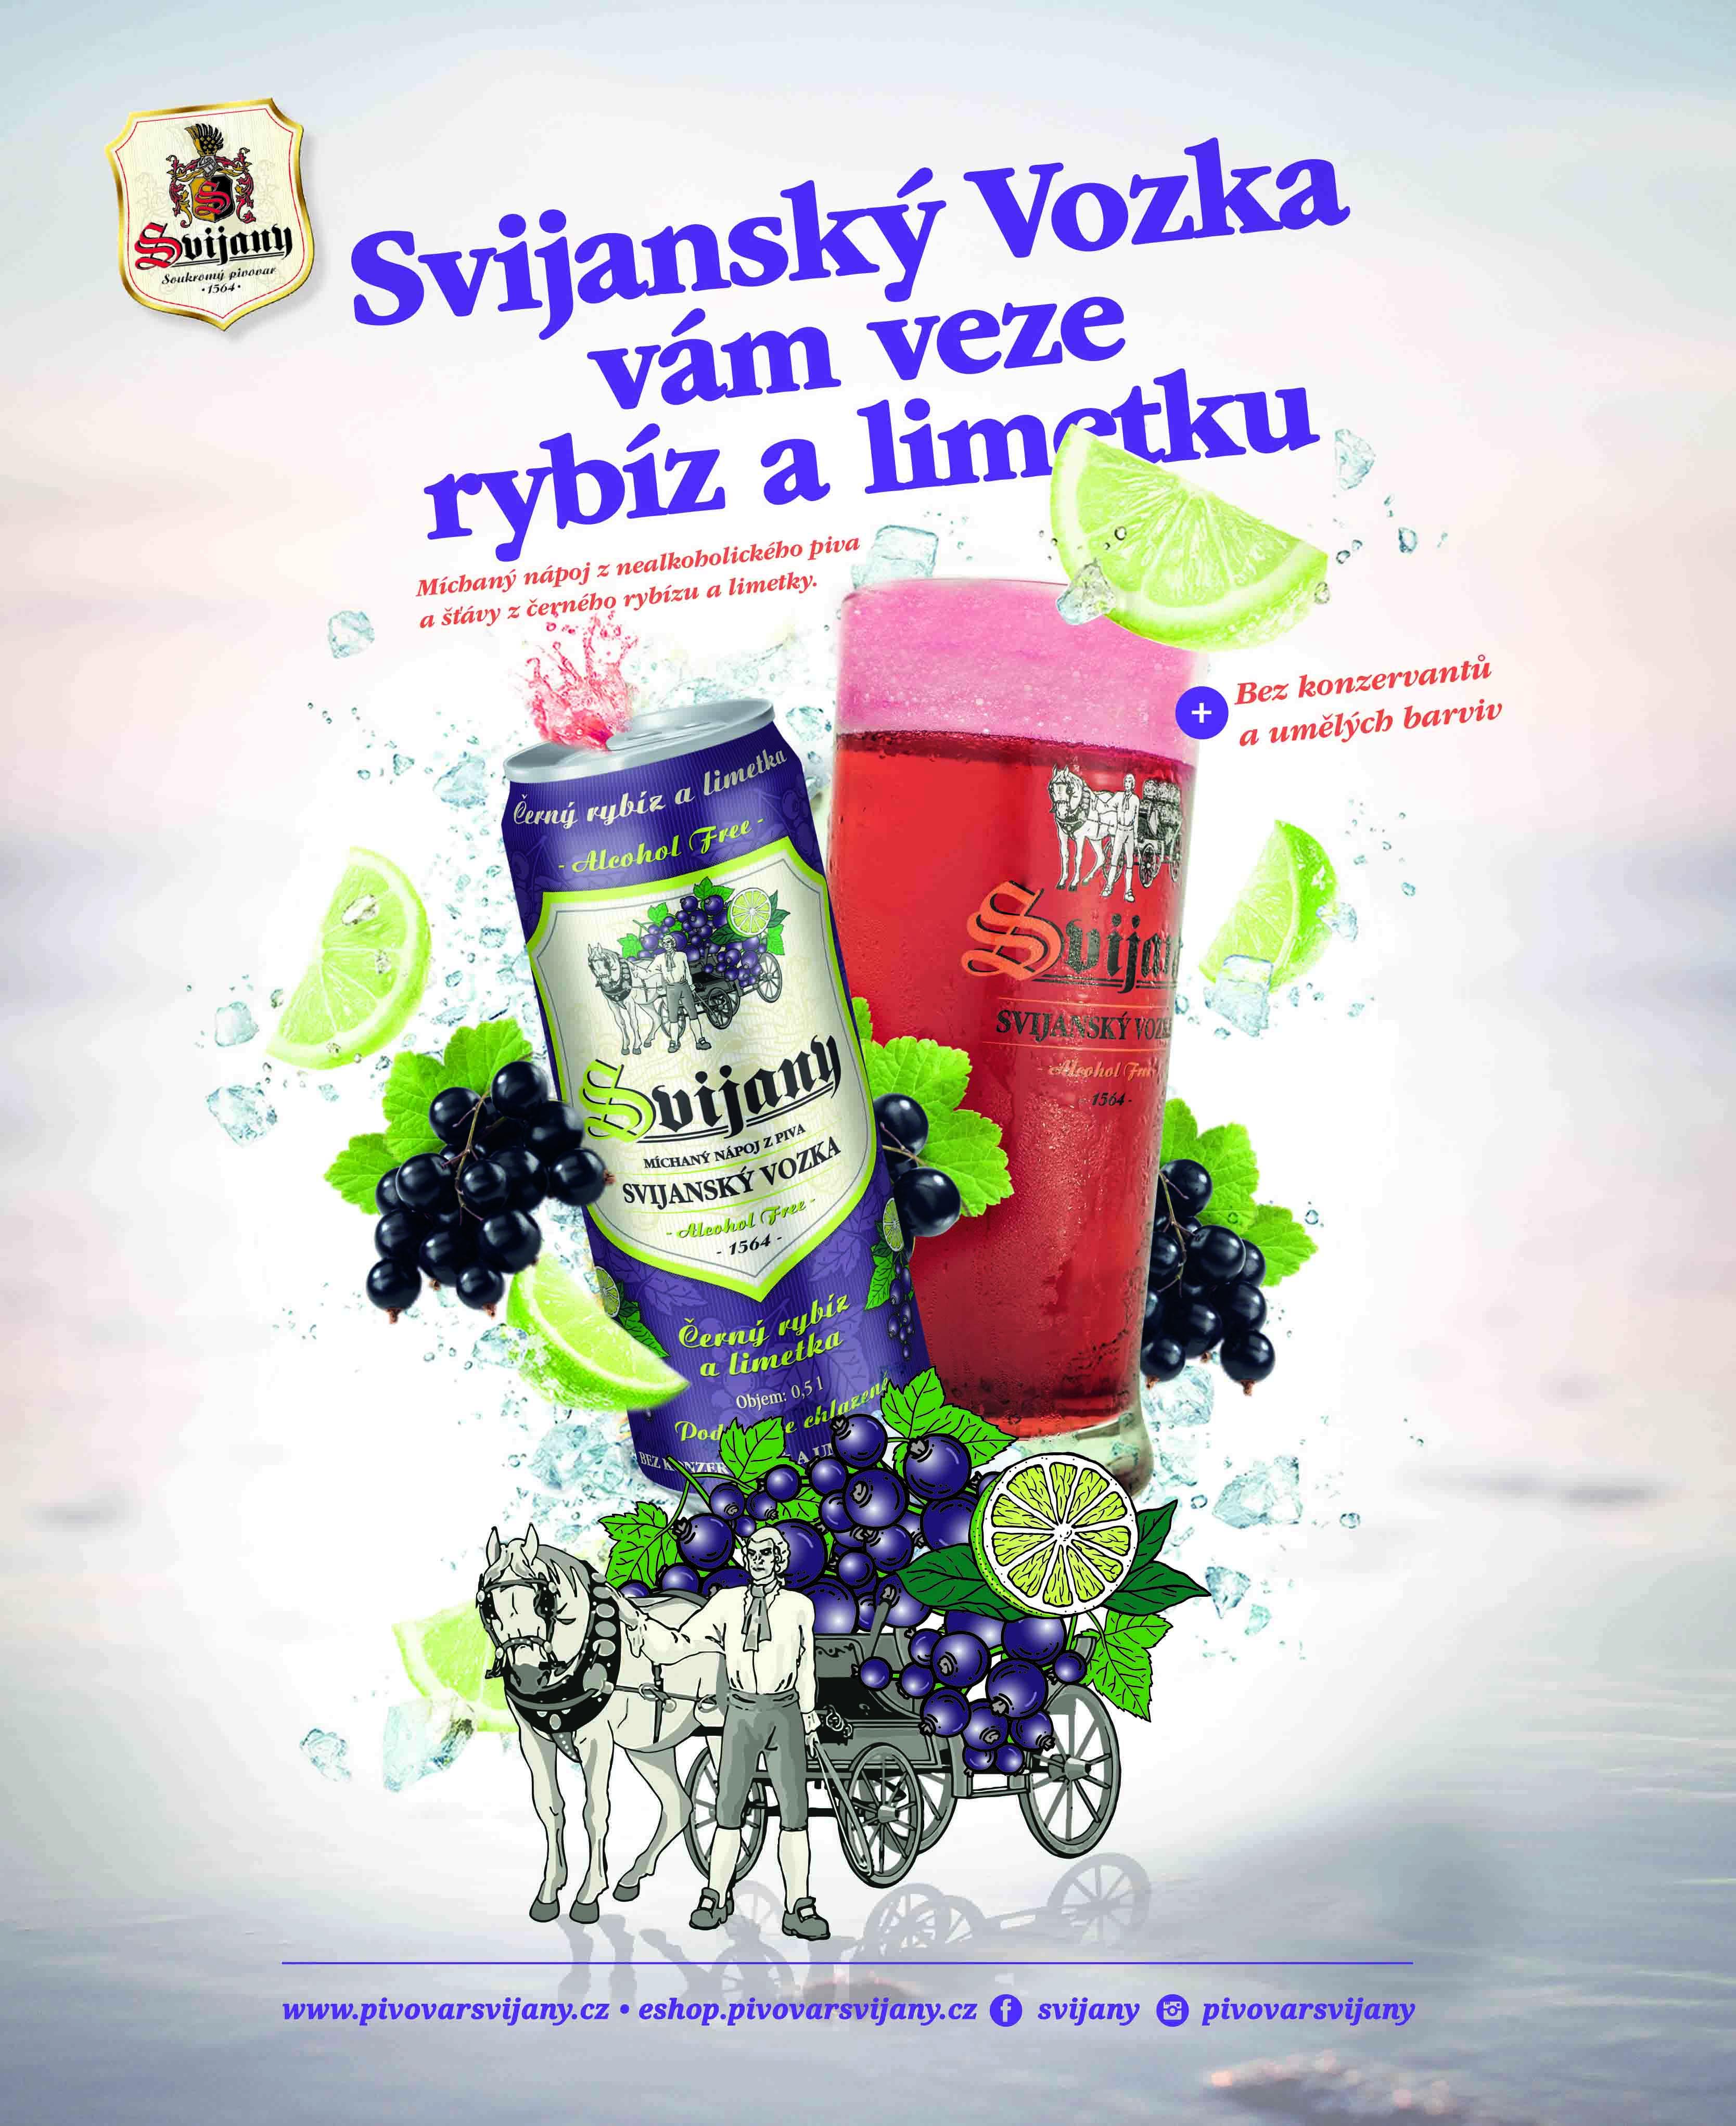 Bez alkoholu: Pivovar Svijany uvádí na trh míchaný nápoj z nealkoholického piva s černým rybízem a limetkou